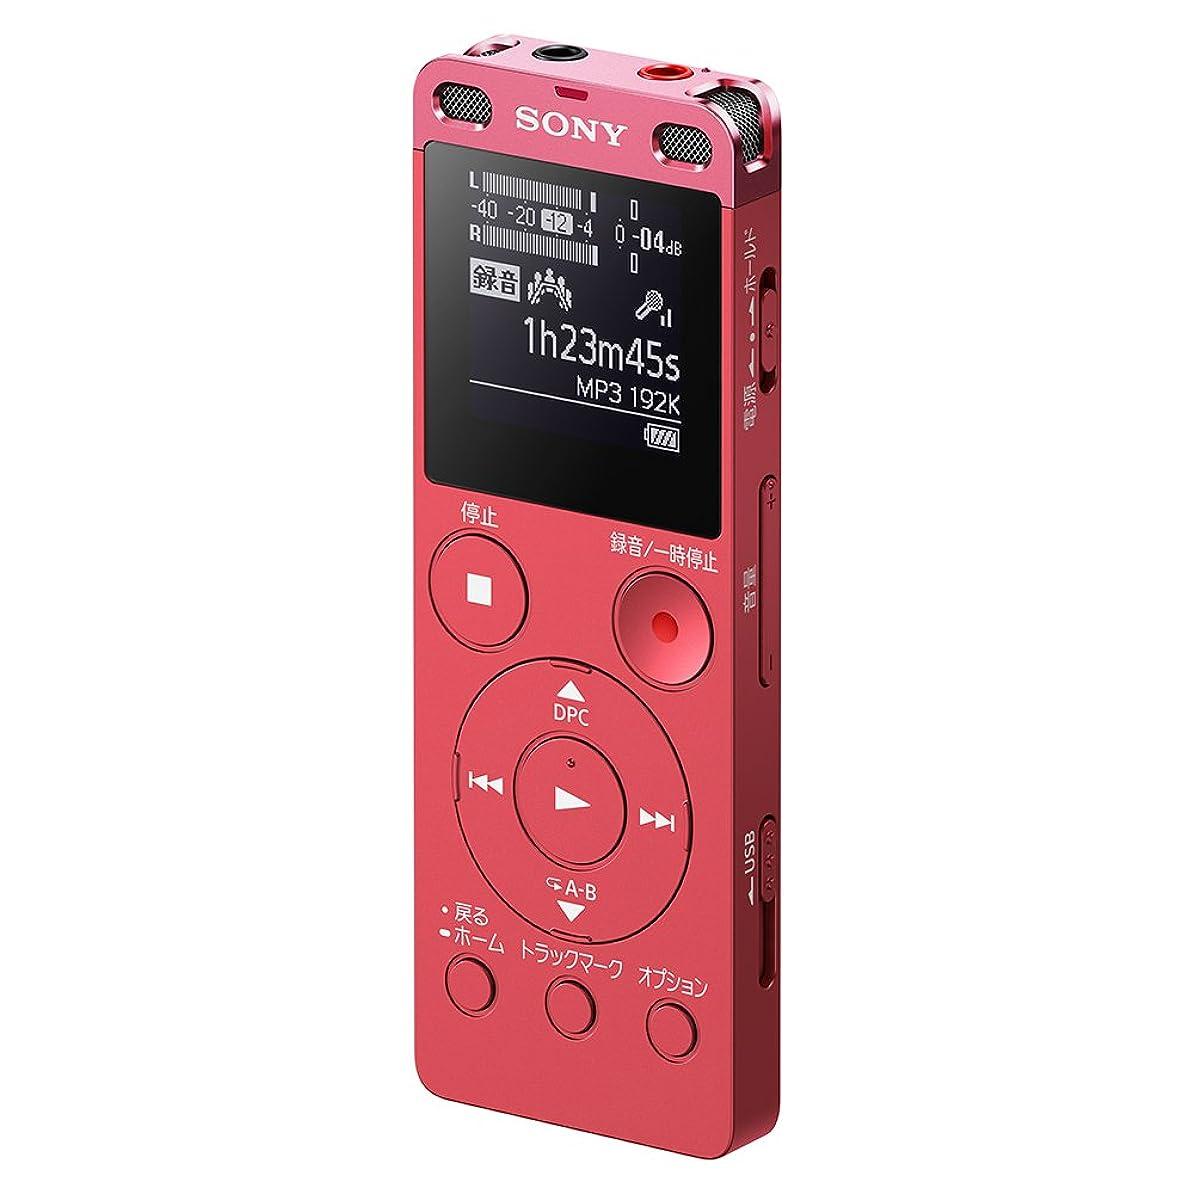 意味のある有毒メンダシティソニー ステレオICレコーダー FMチューナー付 4GB ピンク ICD-UX560F/P